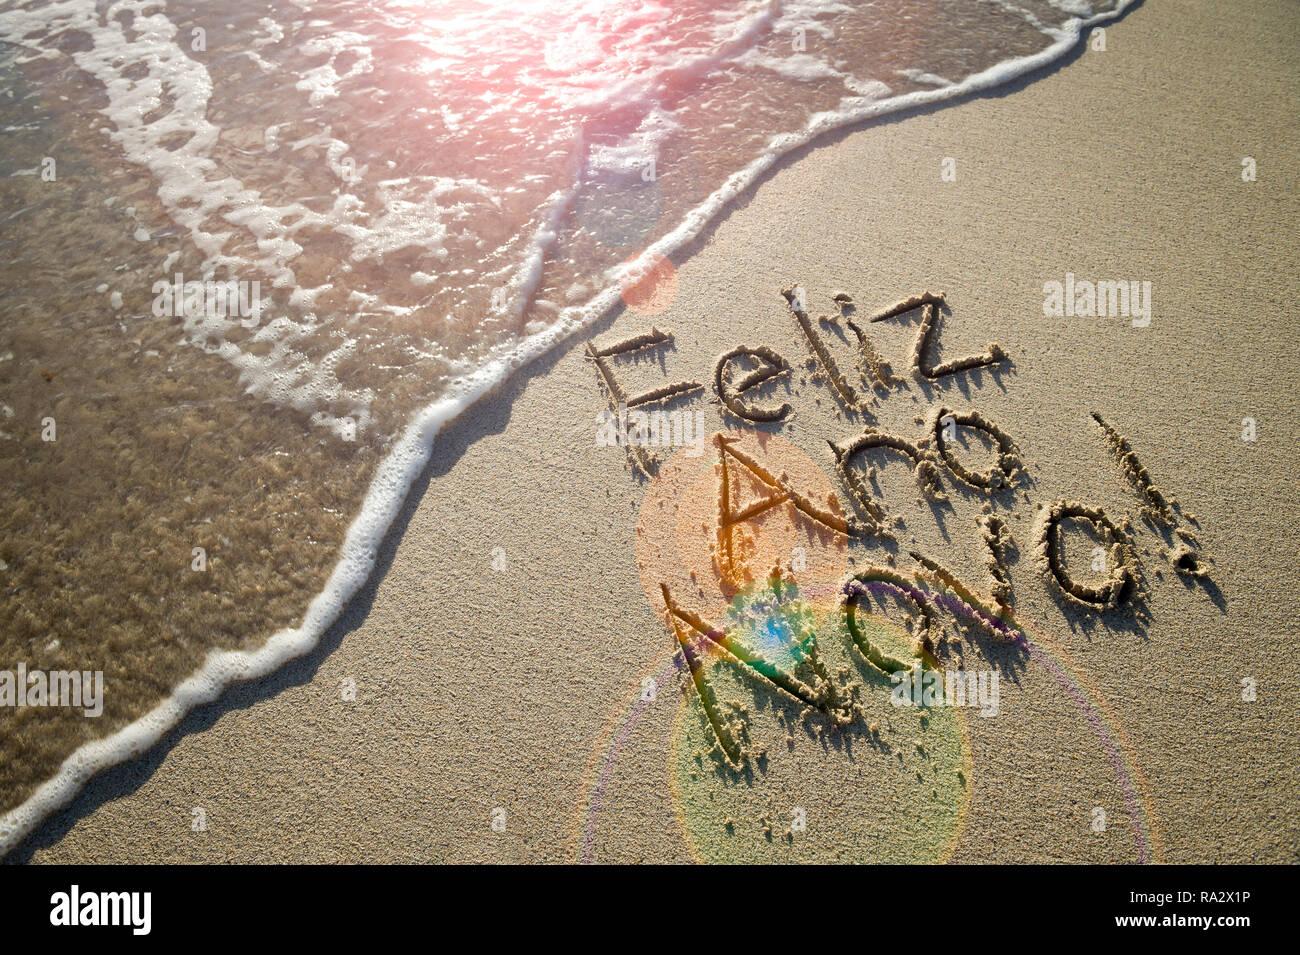 Portugués Feliz Ano Novo (Feliz año nuevo) mensaje escrito con letras con textura de arena fina con una nueva ola en una playa brasileña Imagen De Stock